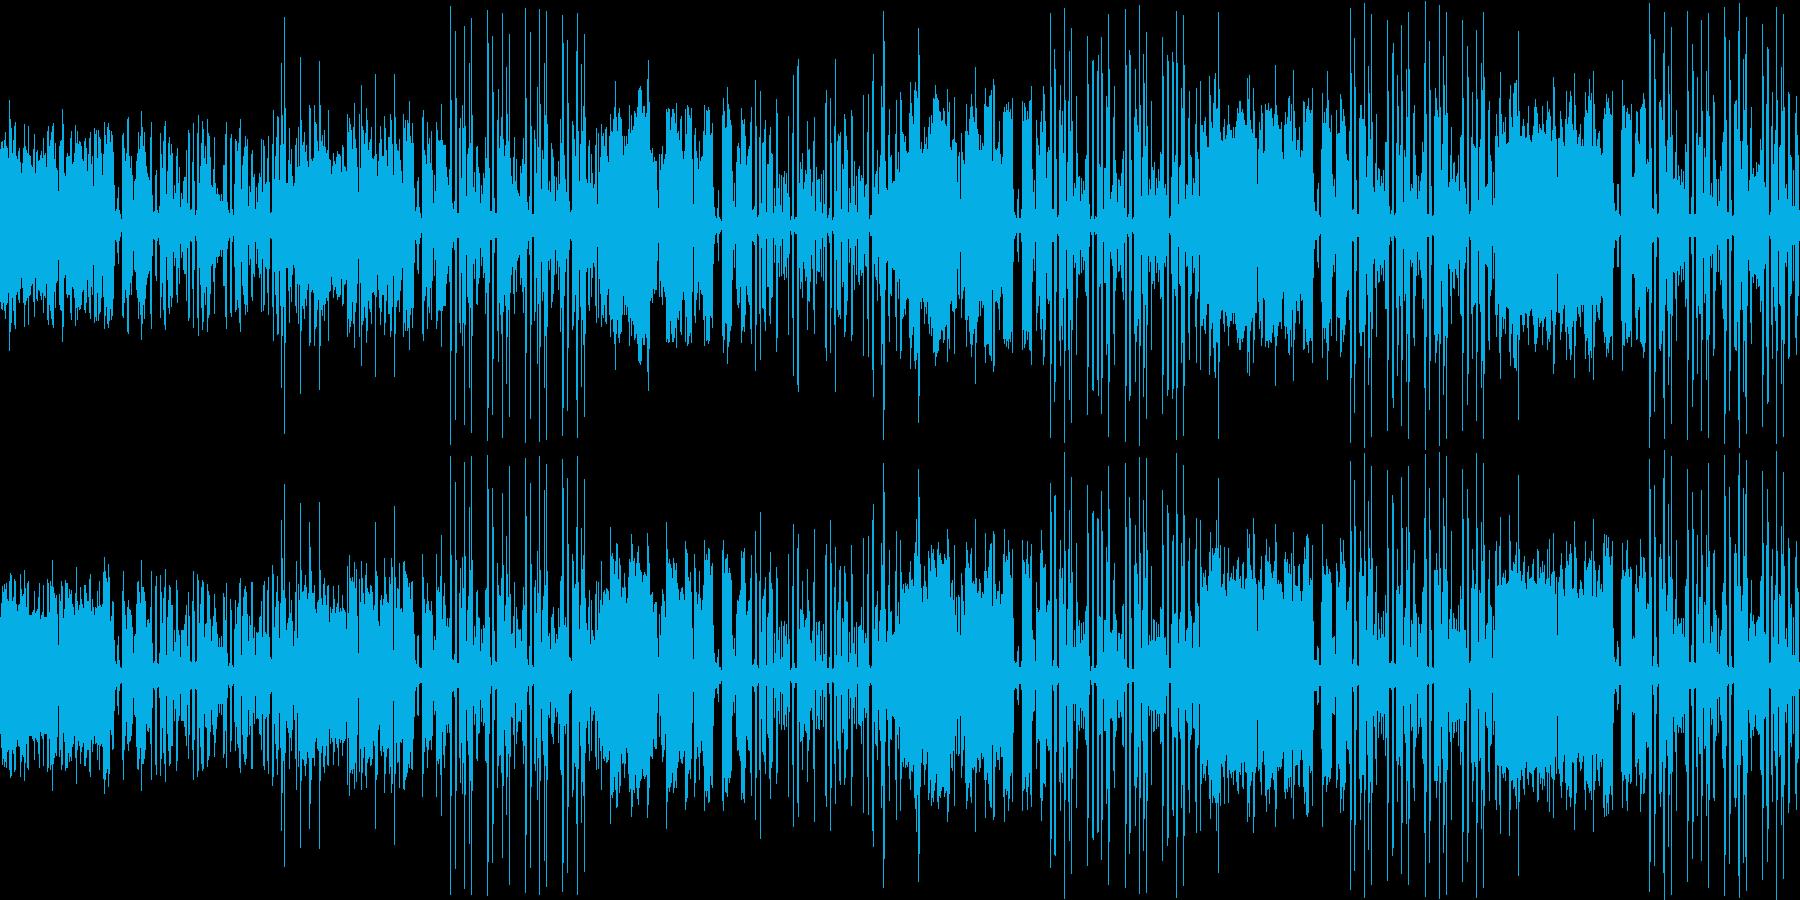 【ケルト・ファンタジー感溢れるポップス】の再生済みの波形